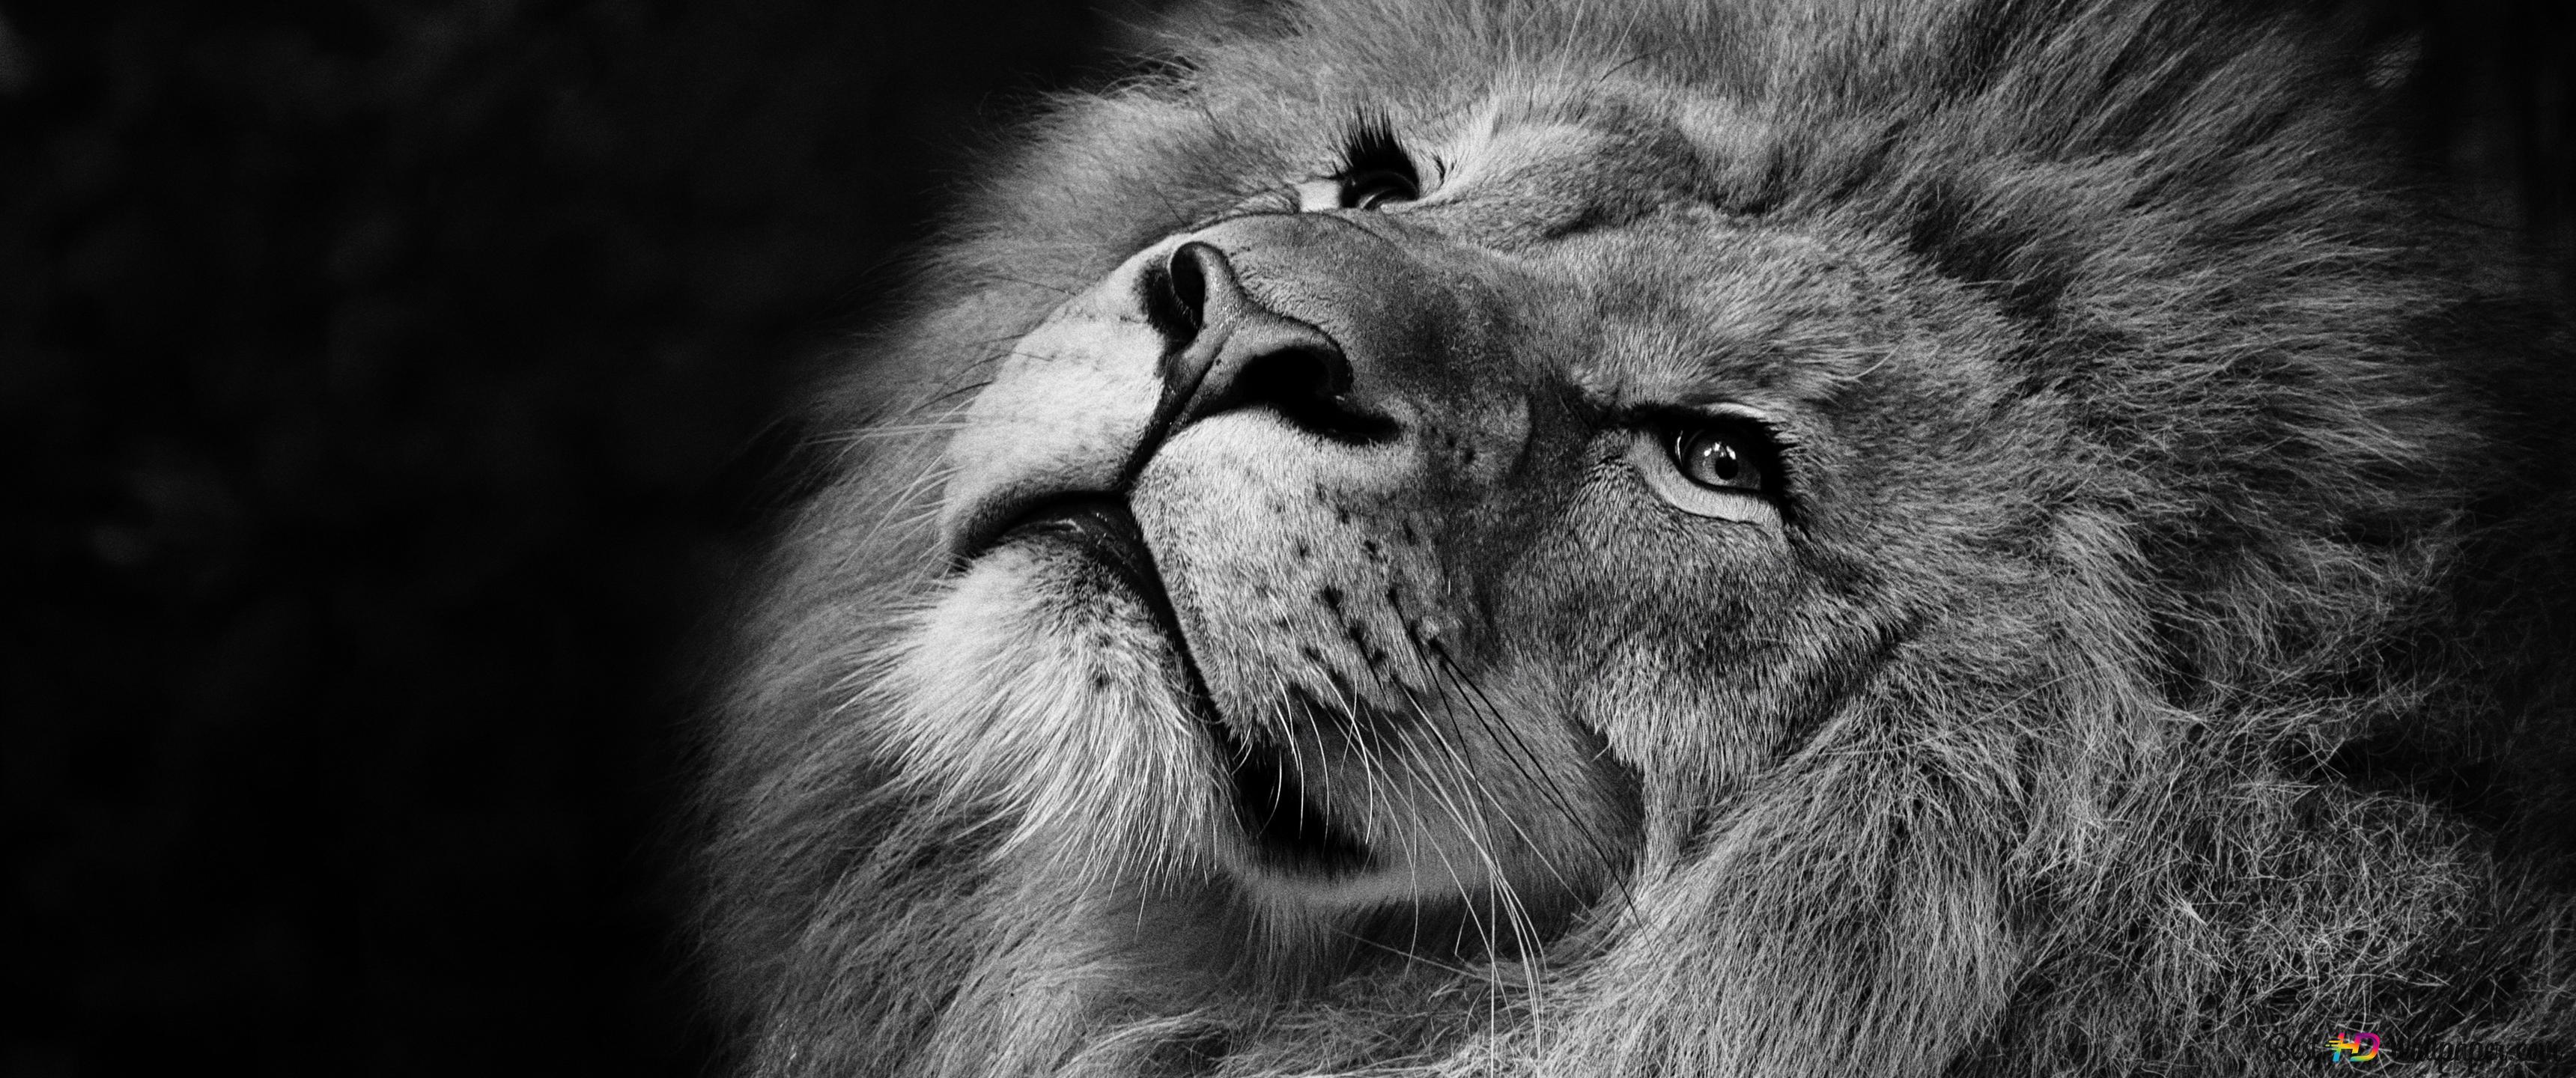 Lion HD fond d'écran télécharger